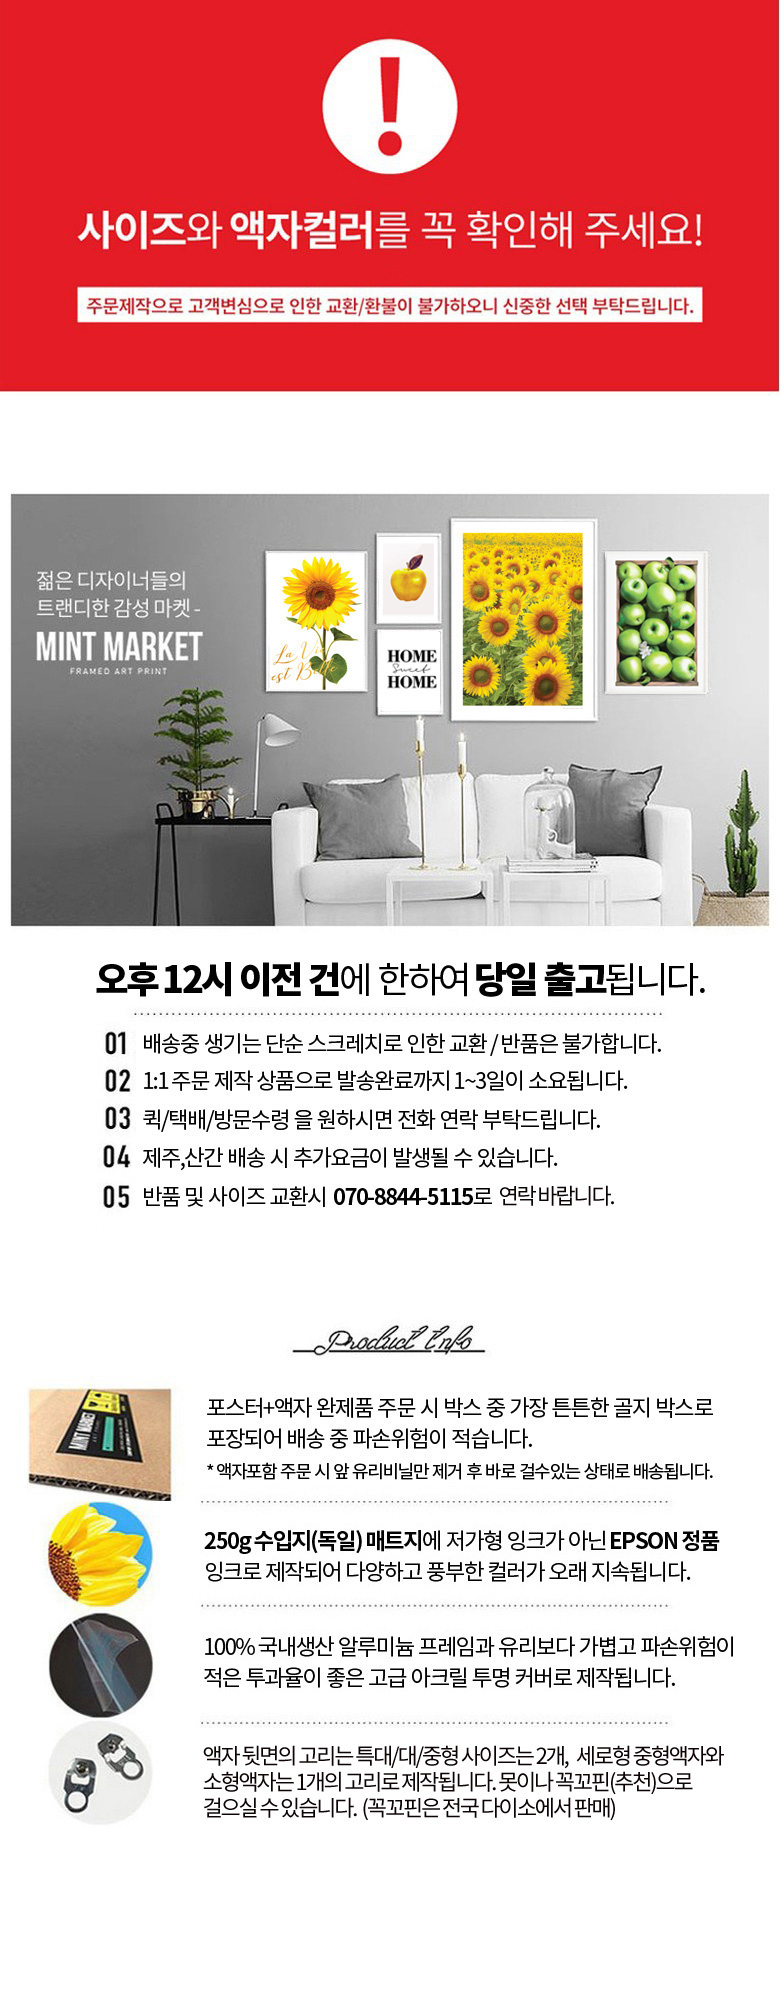 해바라기 사과 골드액자 소형 금전운 풍수인테리어 - 민트마켓, 32,900원, 홈갤러리, 사진아트